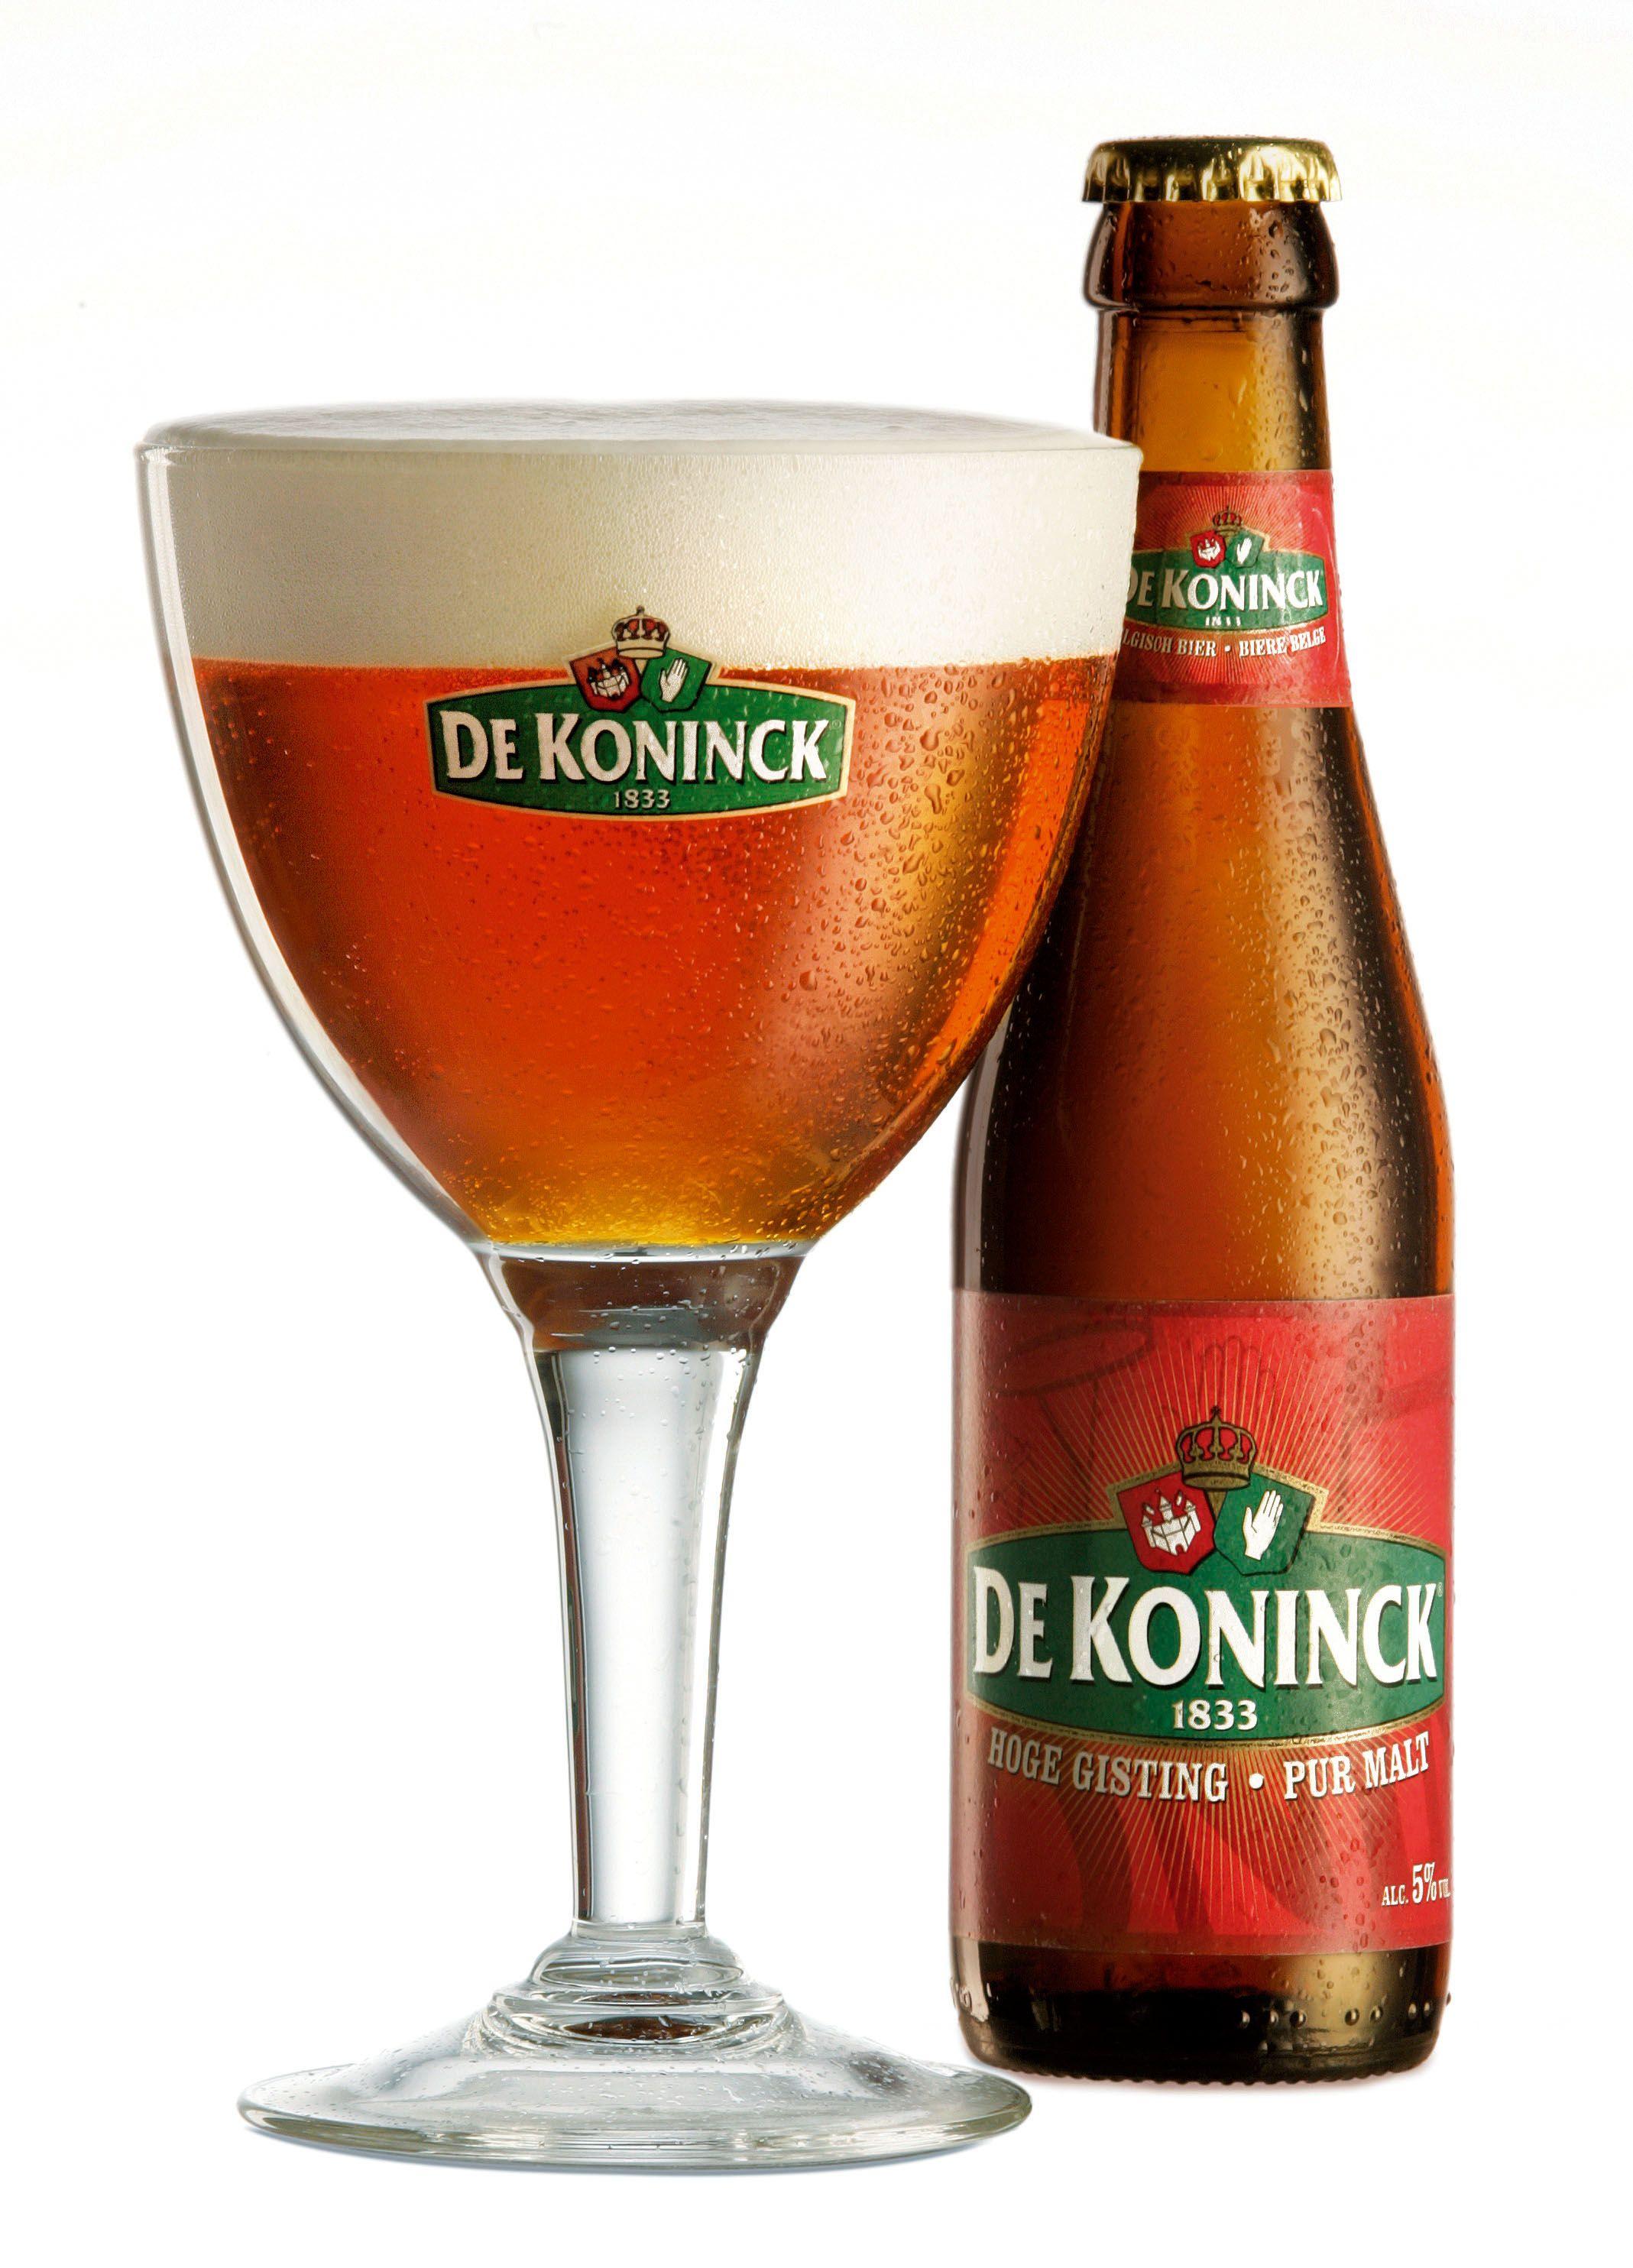 Pin Van Terje Andersen Op Beers I Like Bierglazen Bierproeverij Bier